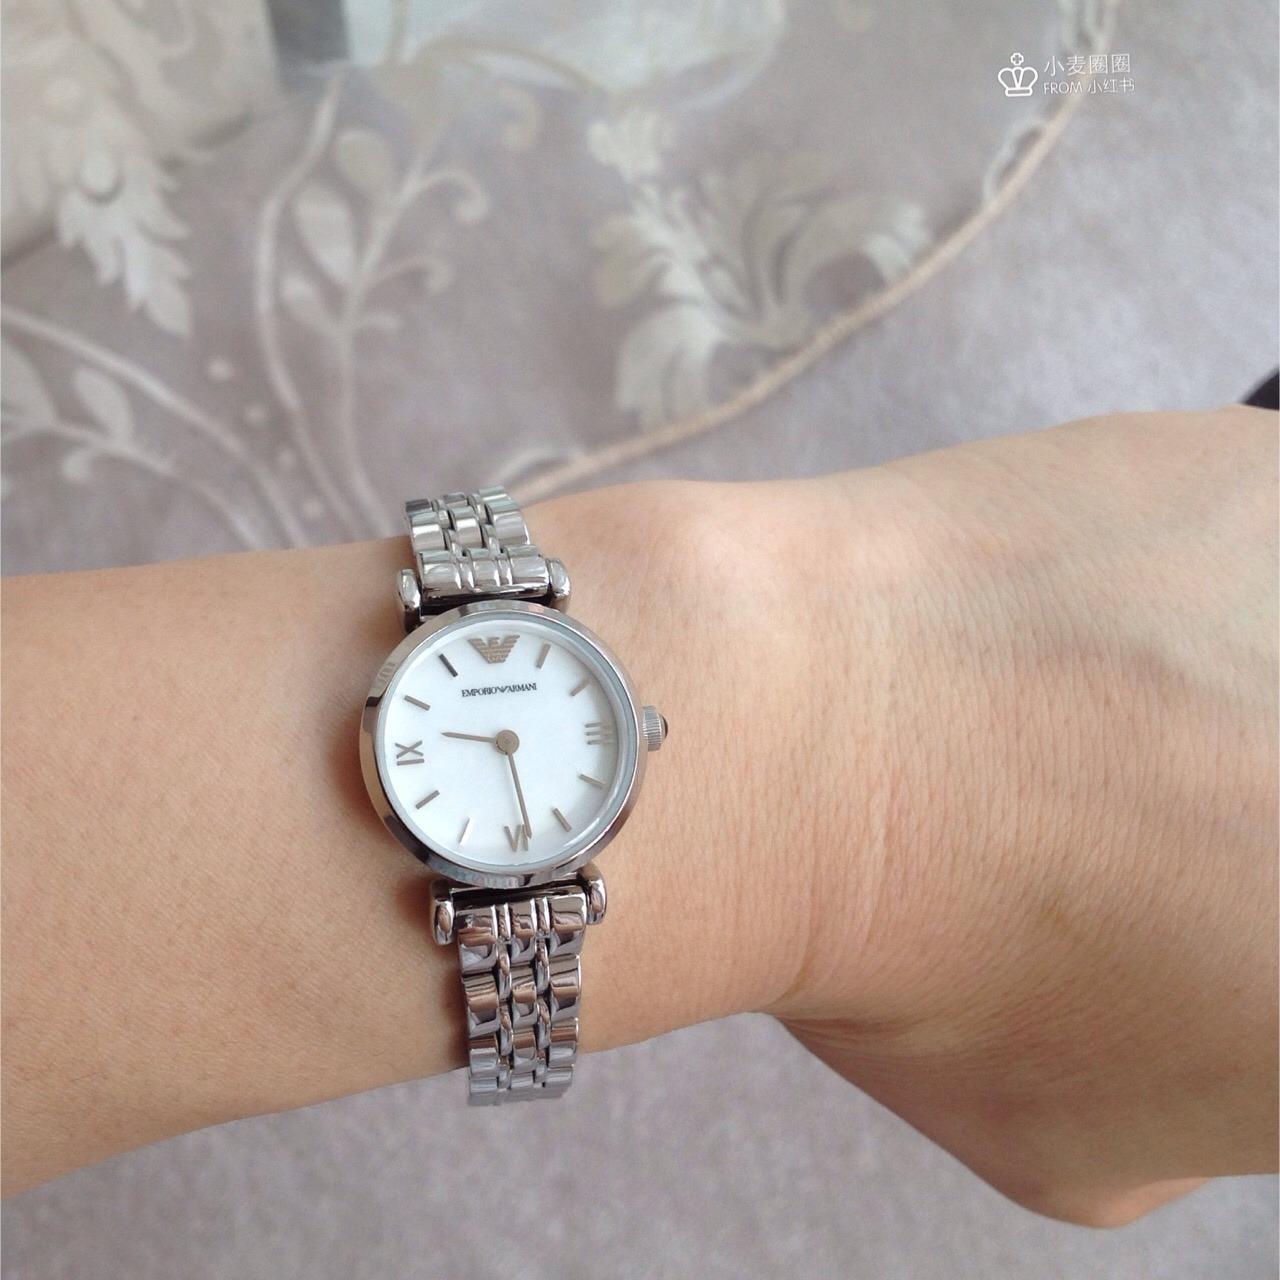 阿玛尼手表调时间图解